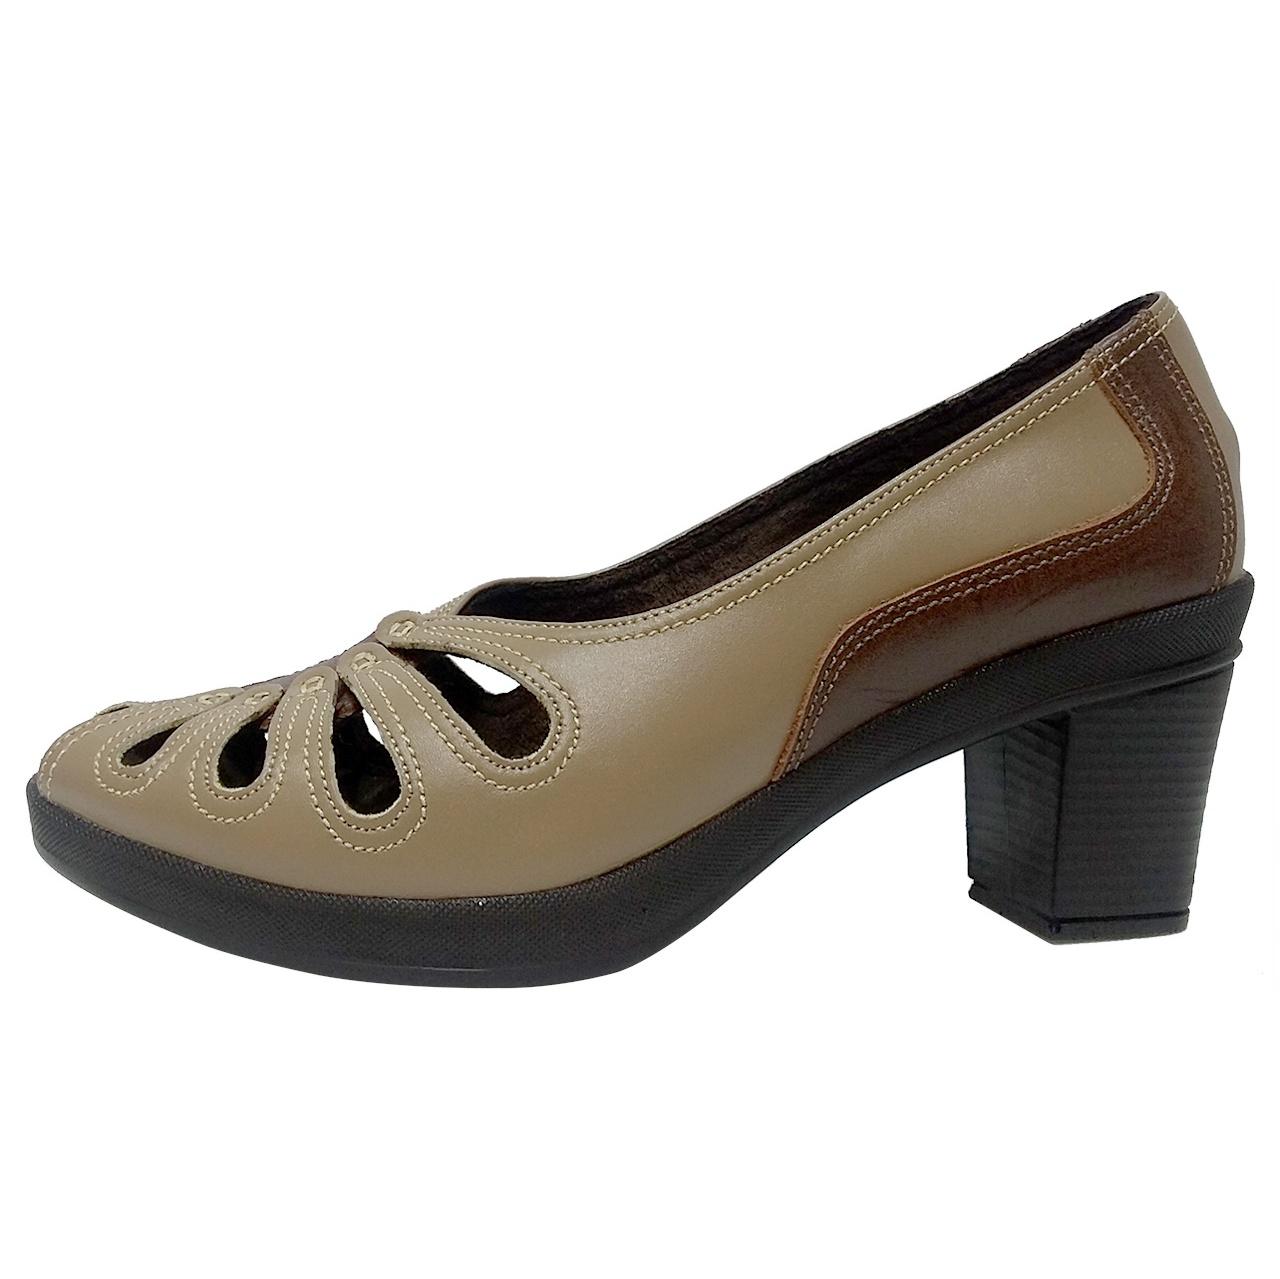 کفش طبی زنانه روشن مدل 211 کد 04